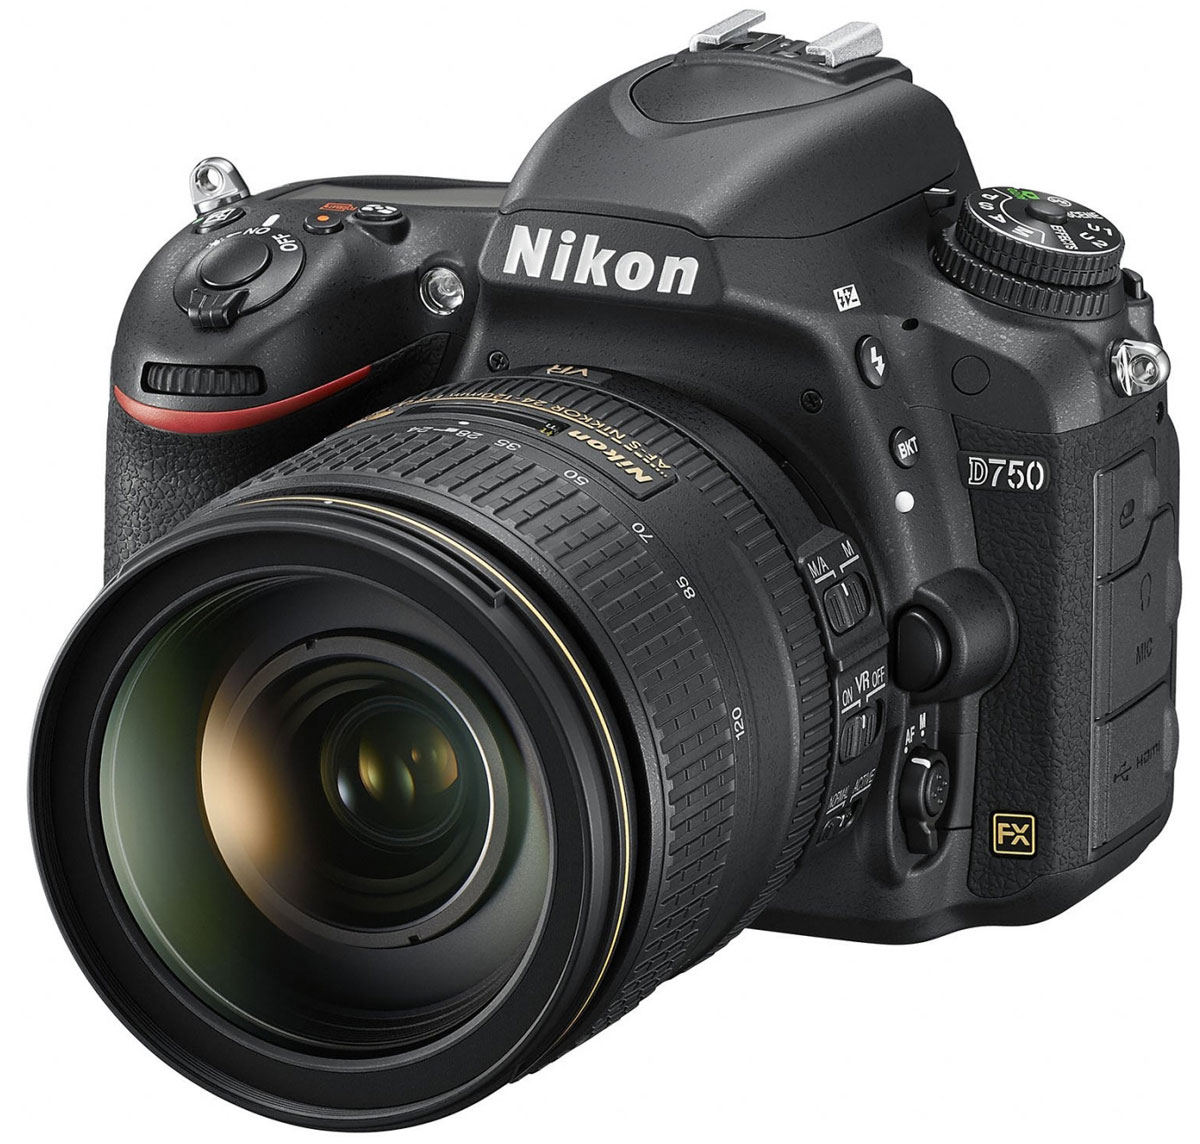 Nikon D750 Kit 24-120 VR цифровая зеркальная фотокамера - Зеркальные фотоаппараты